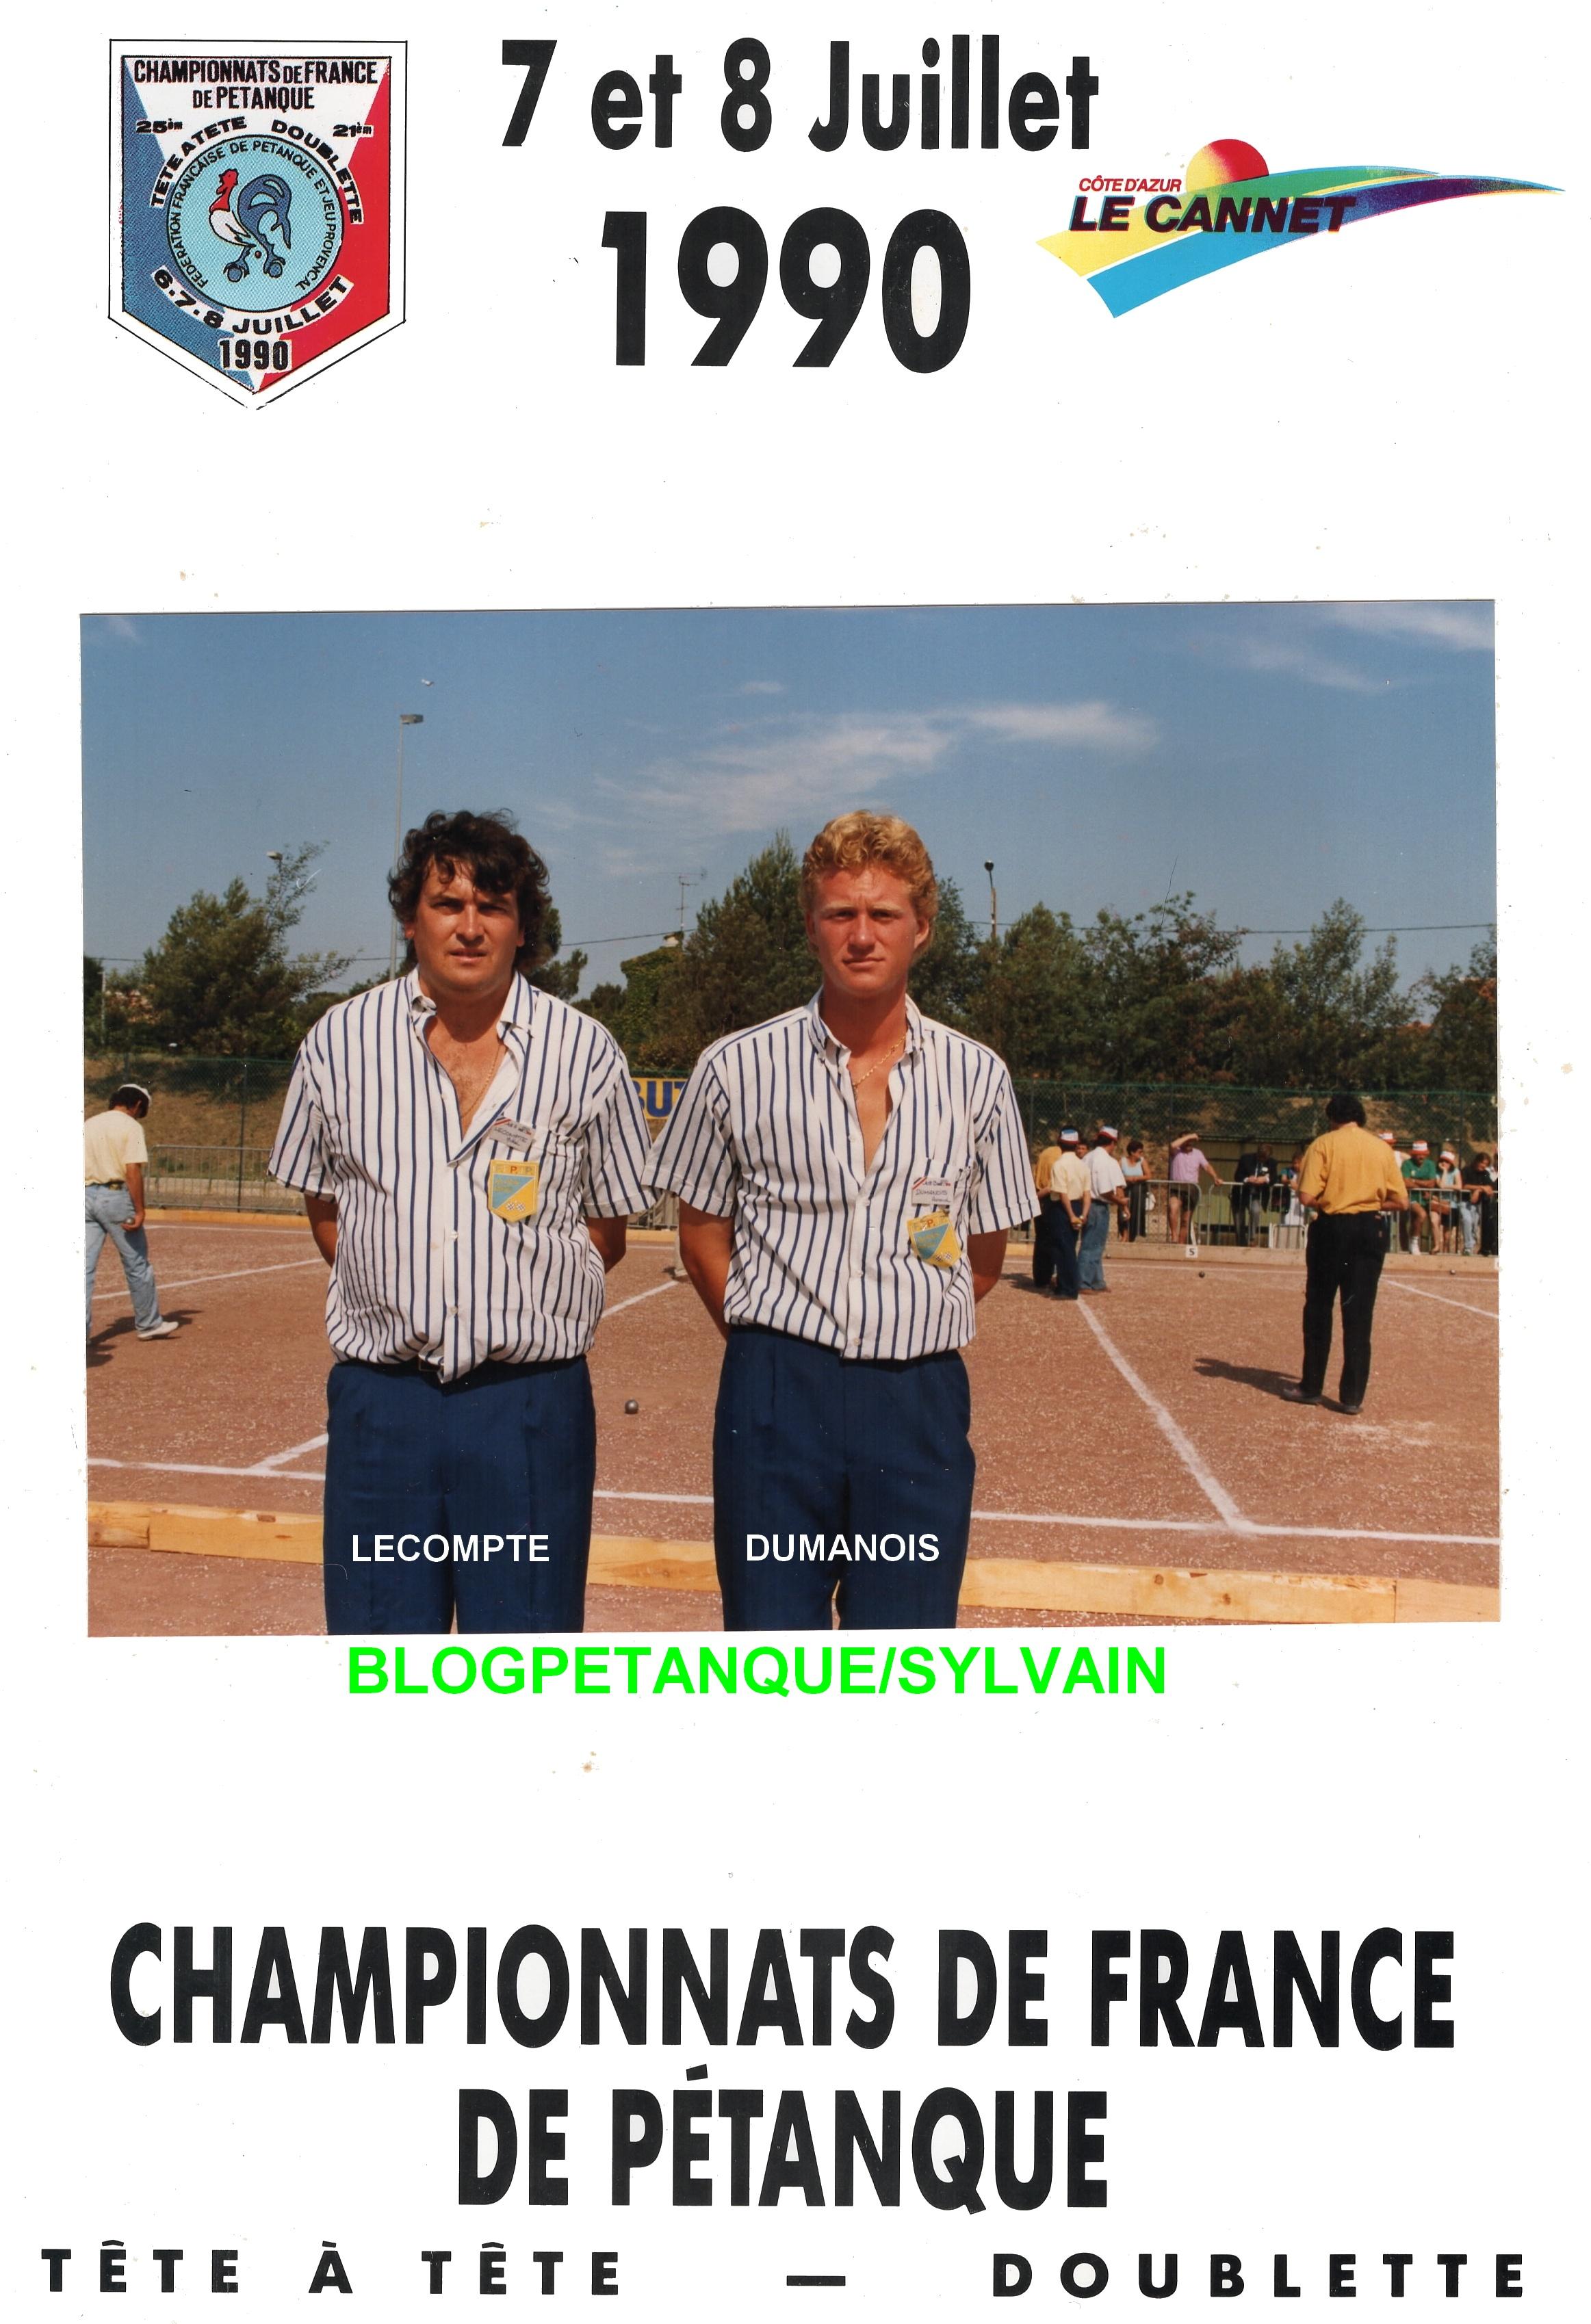 Les demi-finalistes doublettes du 06